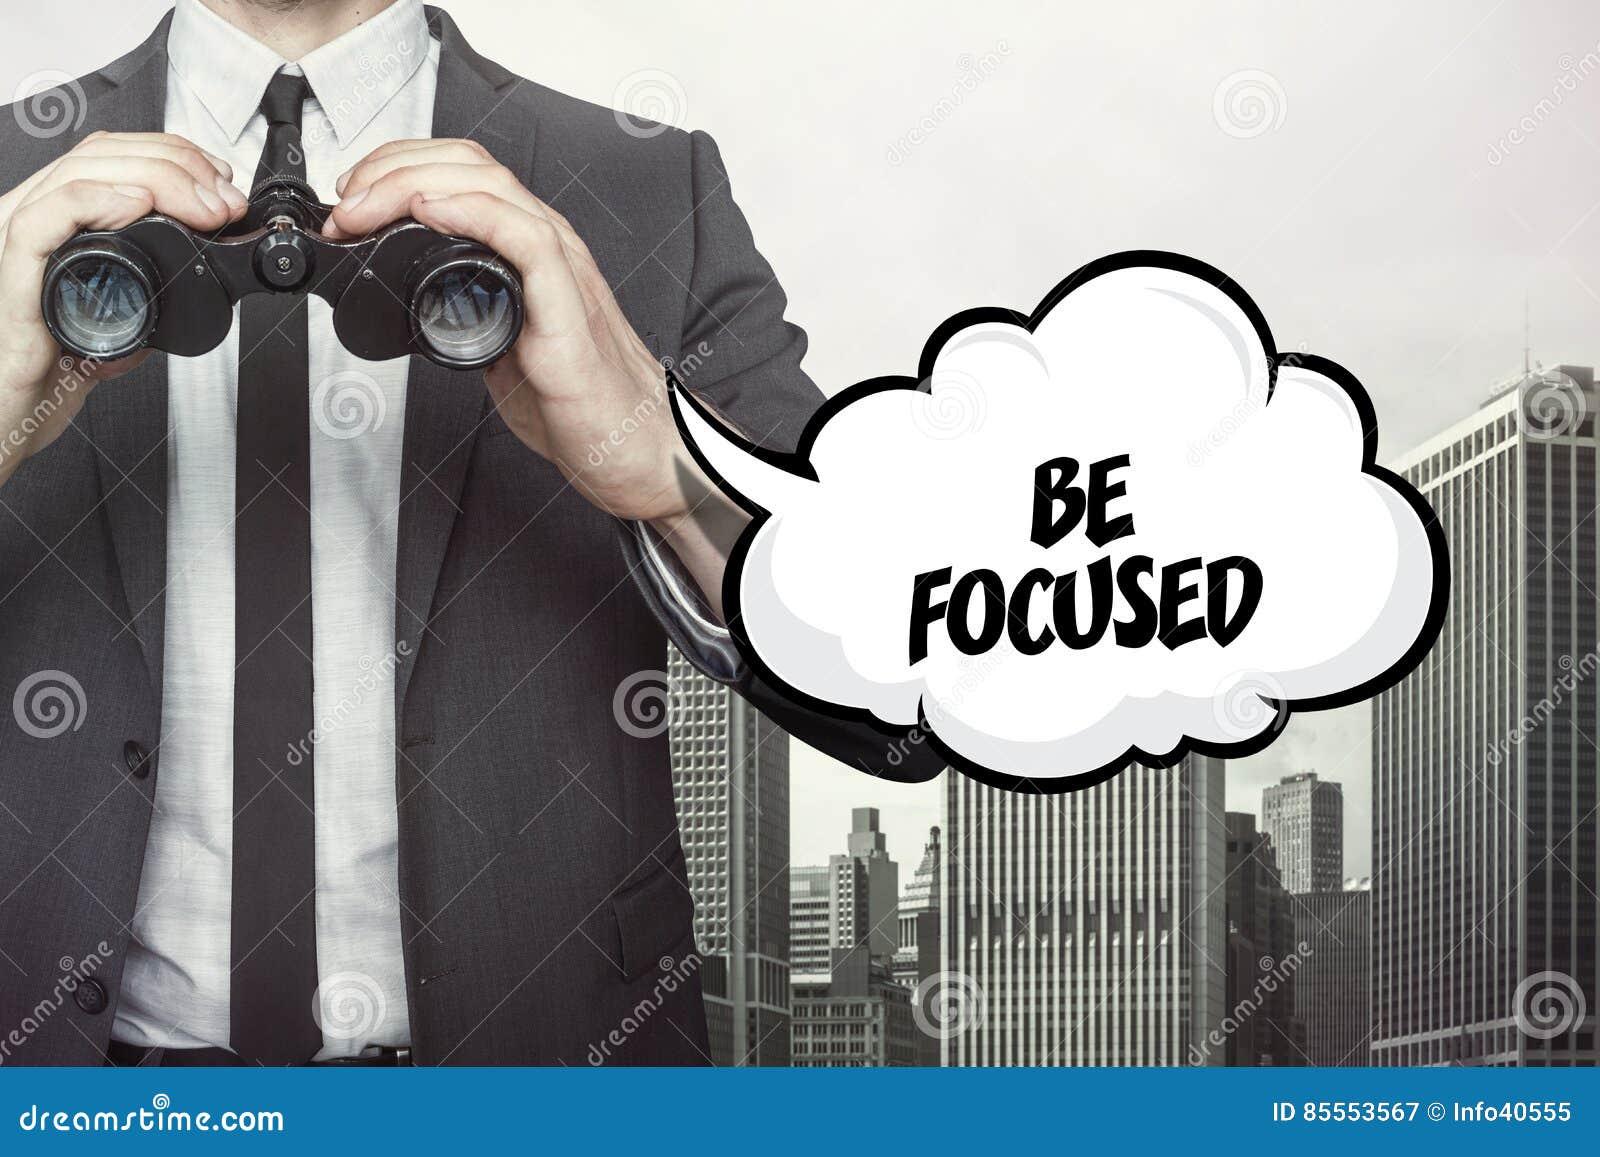 Seien Sie fokussierter Text auf Tafel mit Geschäftsmann